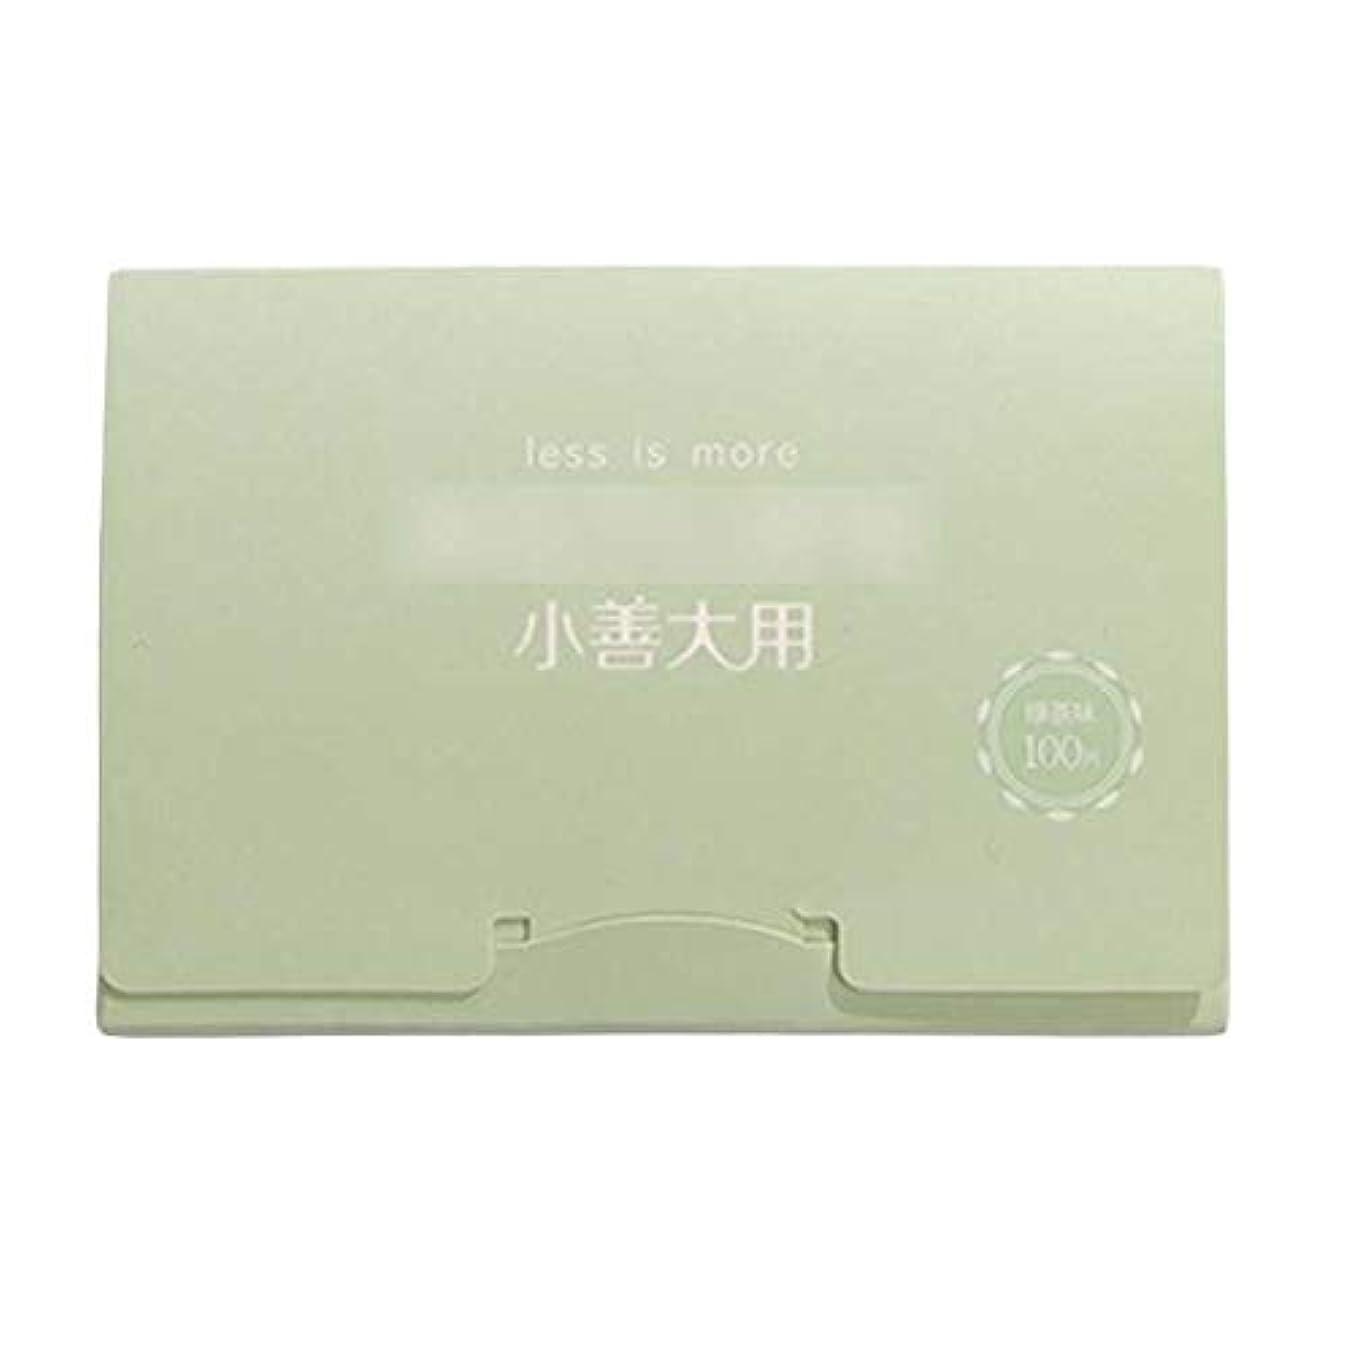 賛美歌ドライ胆嚢緑茶夏顔用携帯用あぶらとりティッシュペーパー、300枚